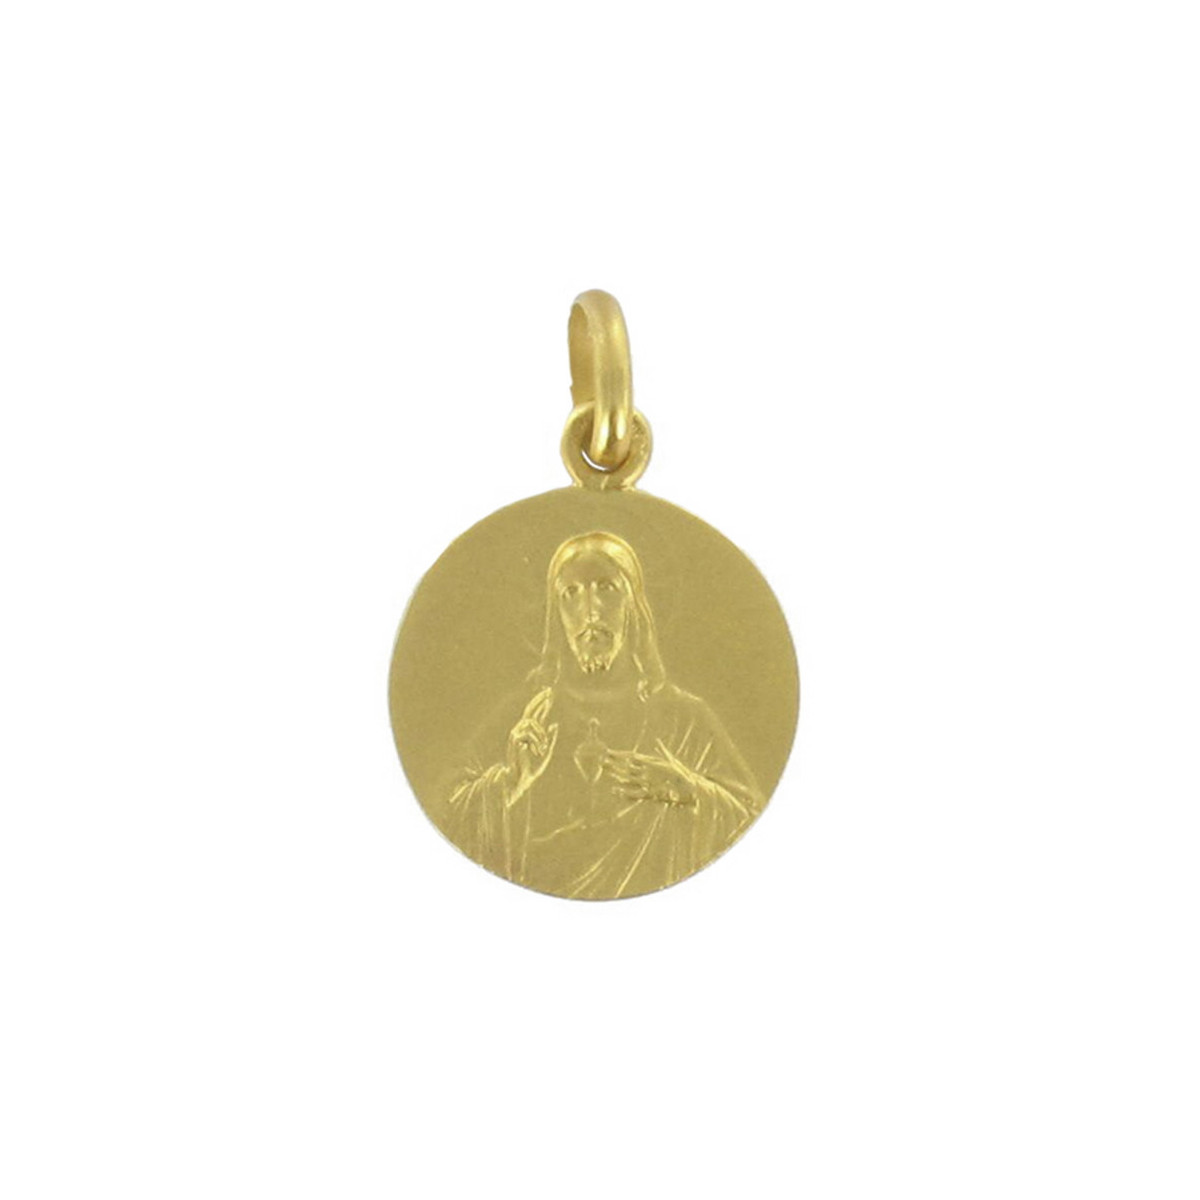 GOLD SCAPULAR 12 MM 1.70 GR